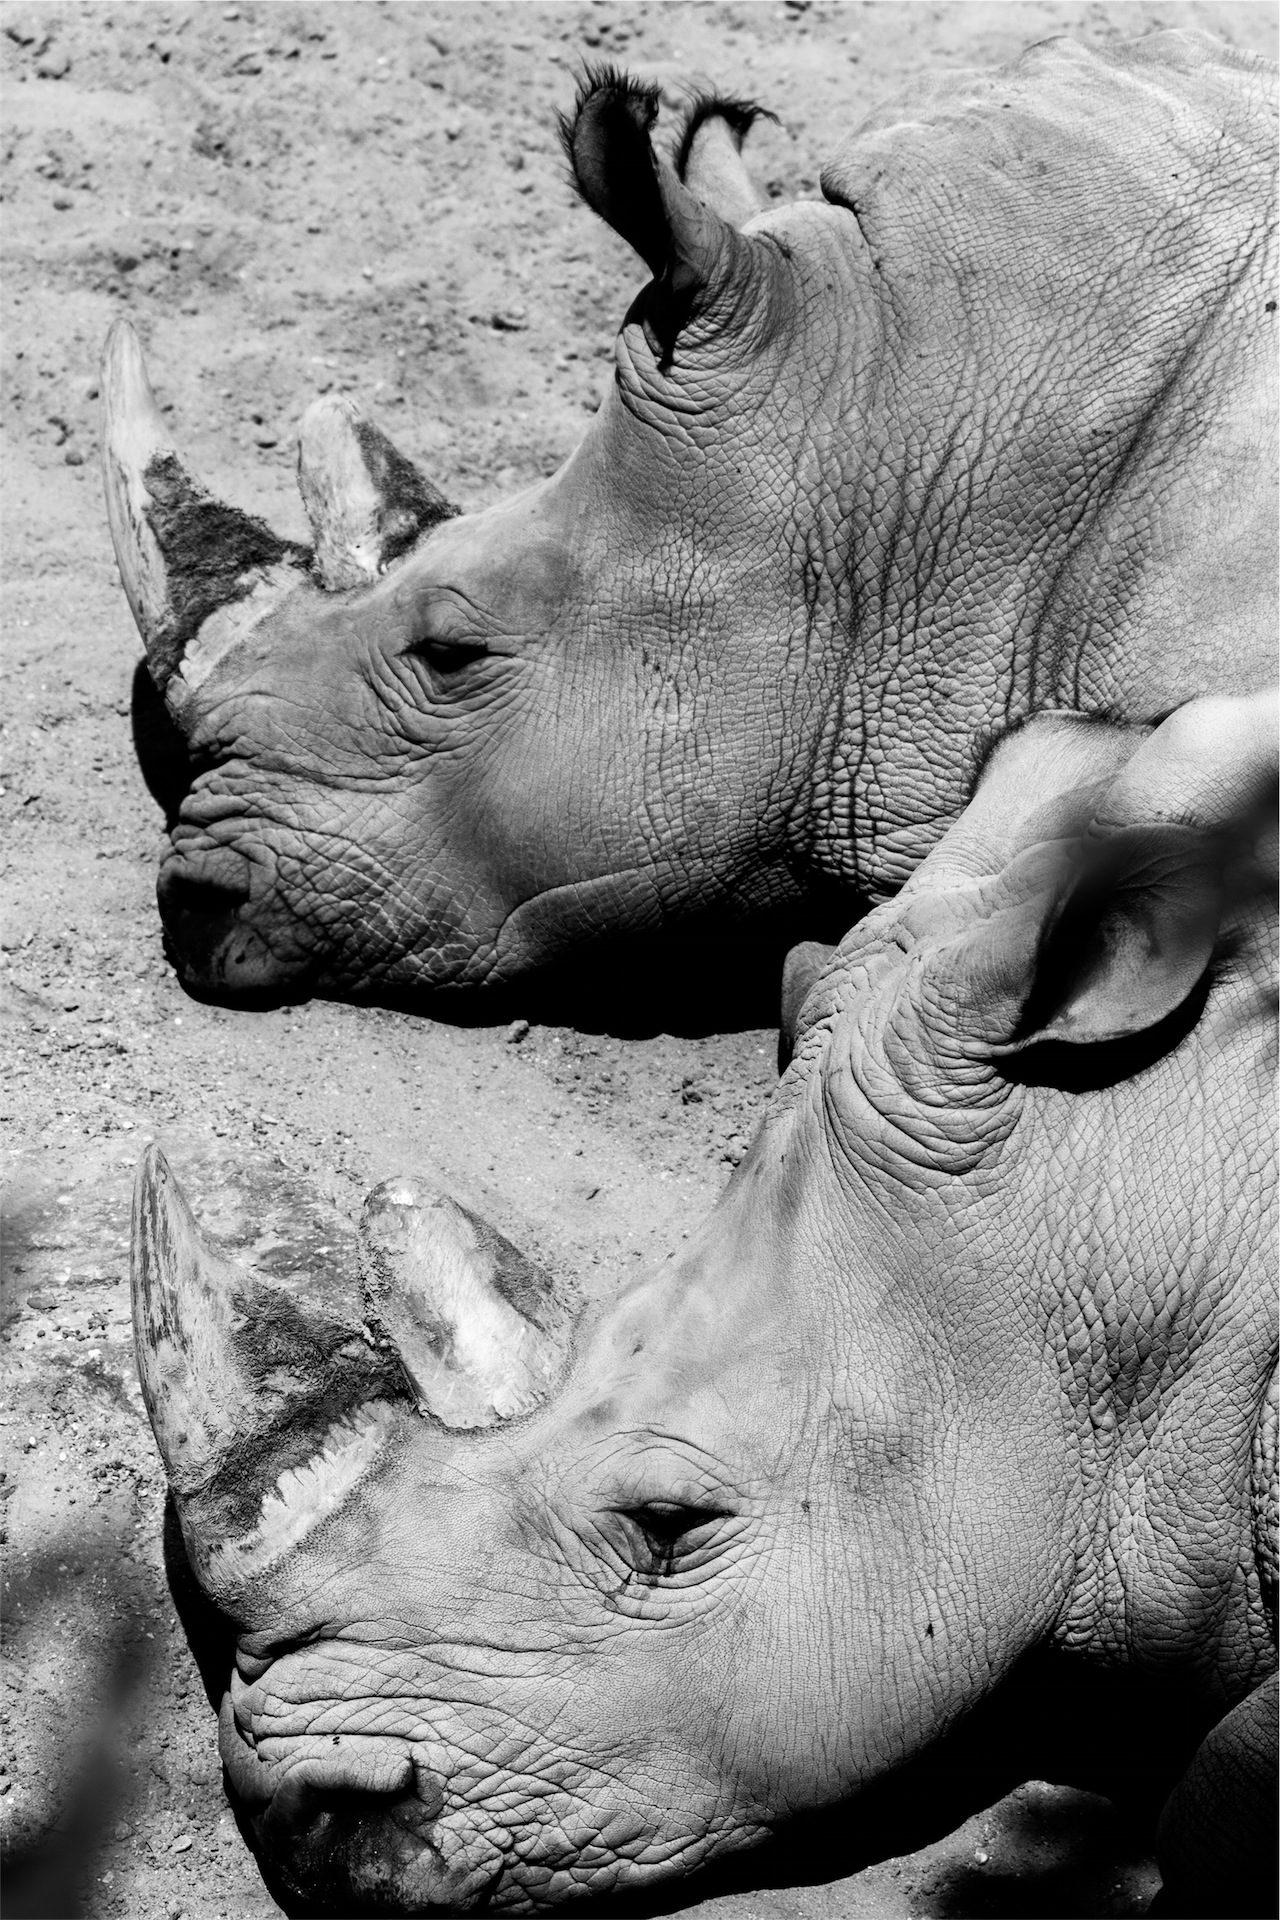 носороги, пара, Рога, Головки, в черно-белом - Обои HD - Профессор falken.com